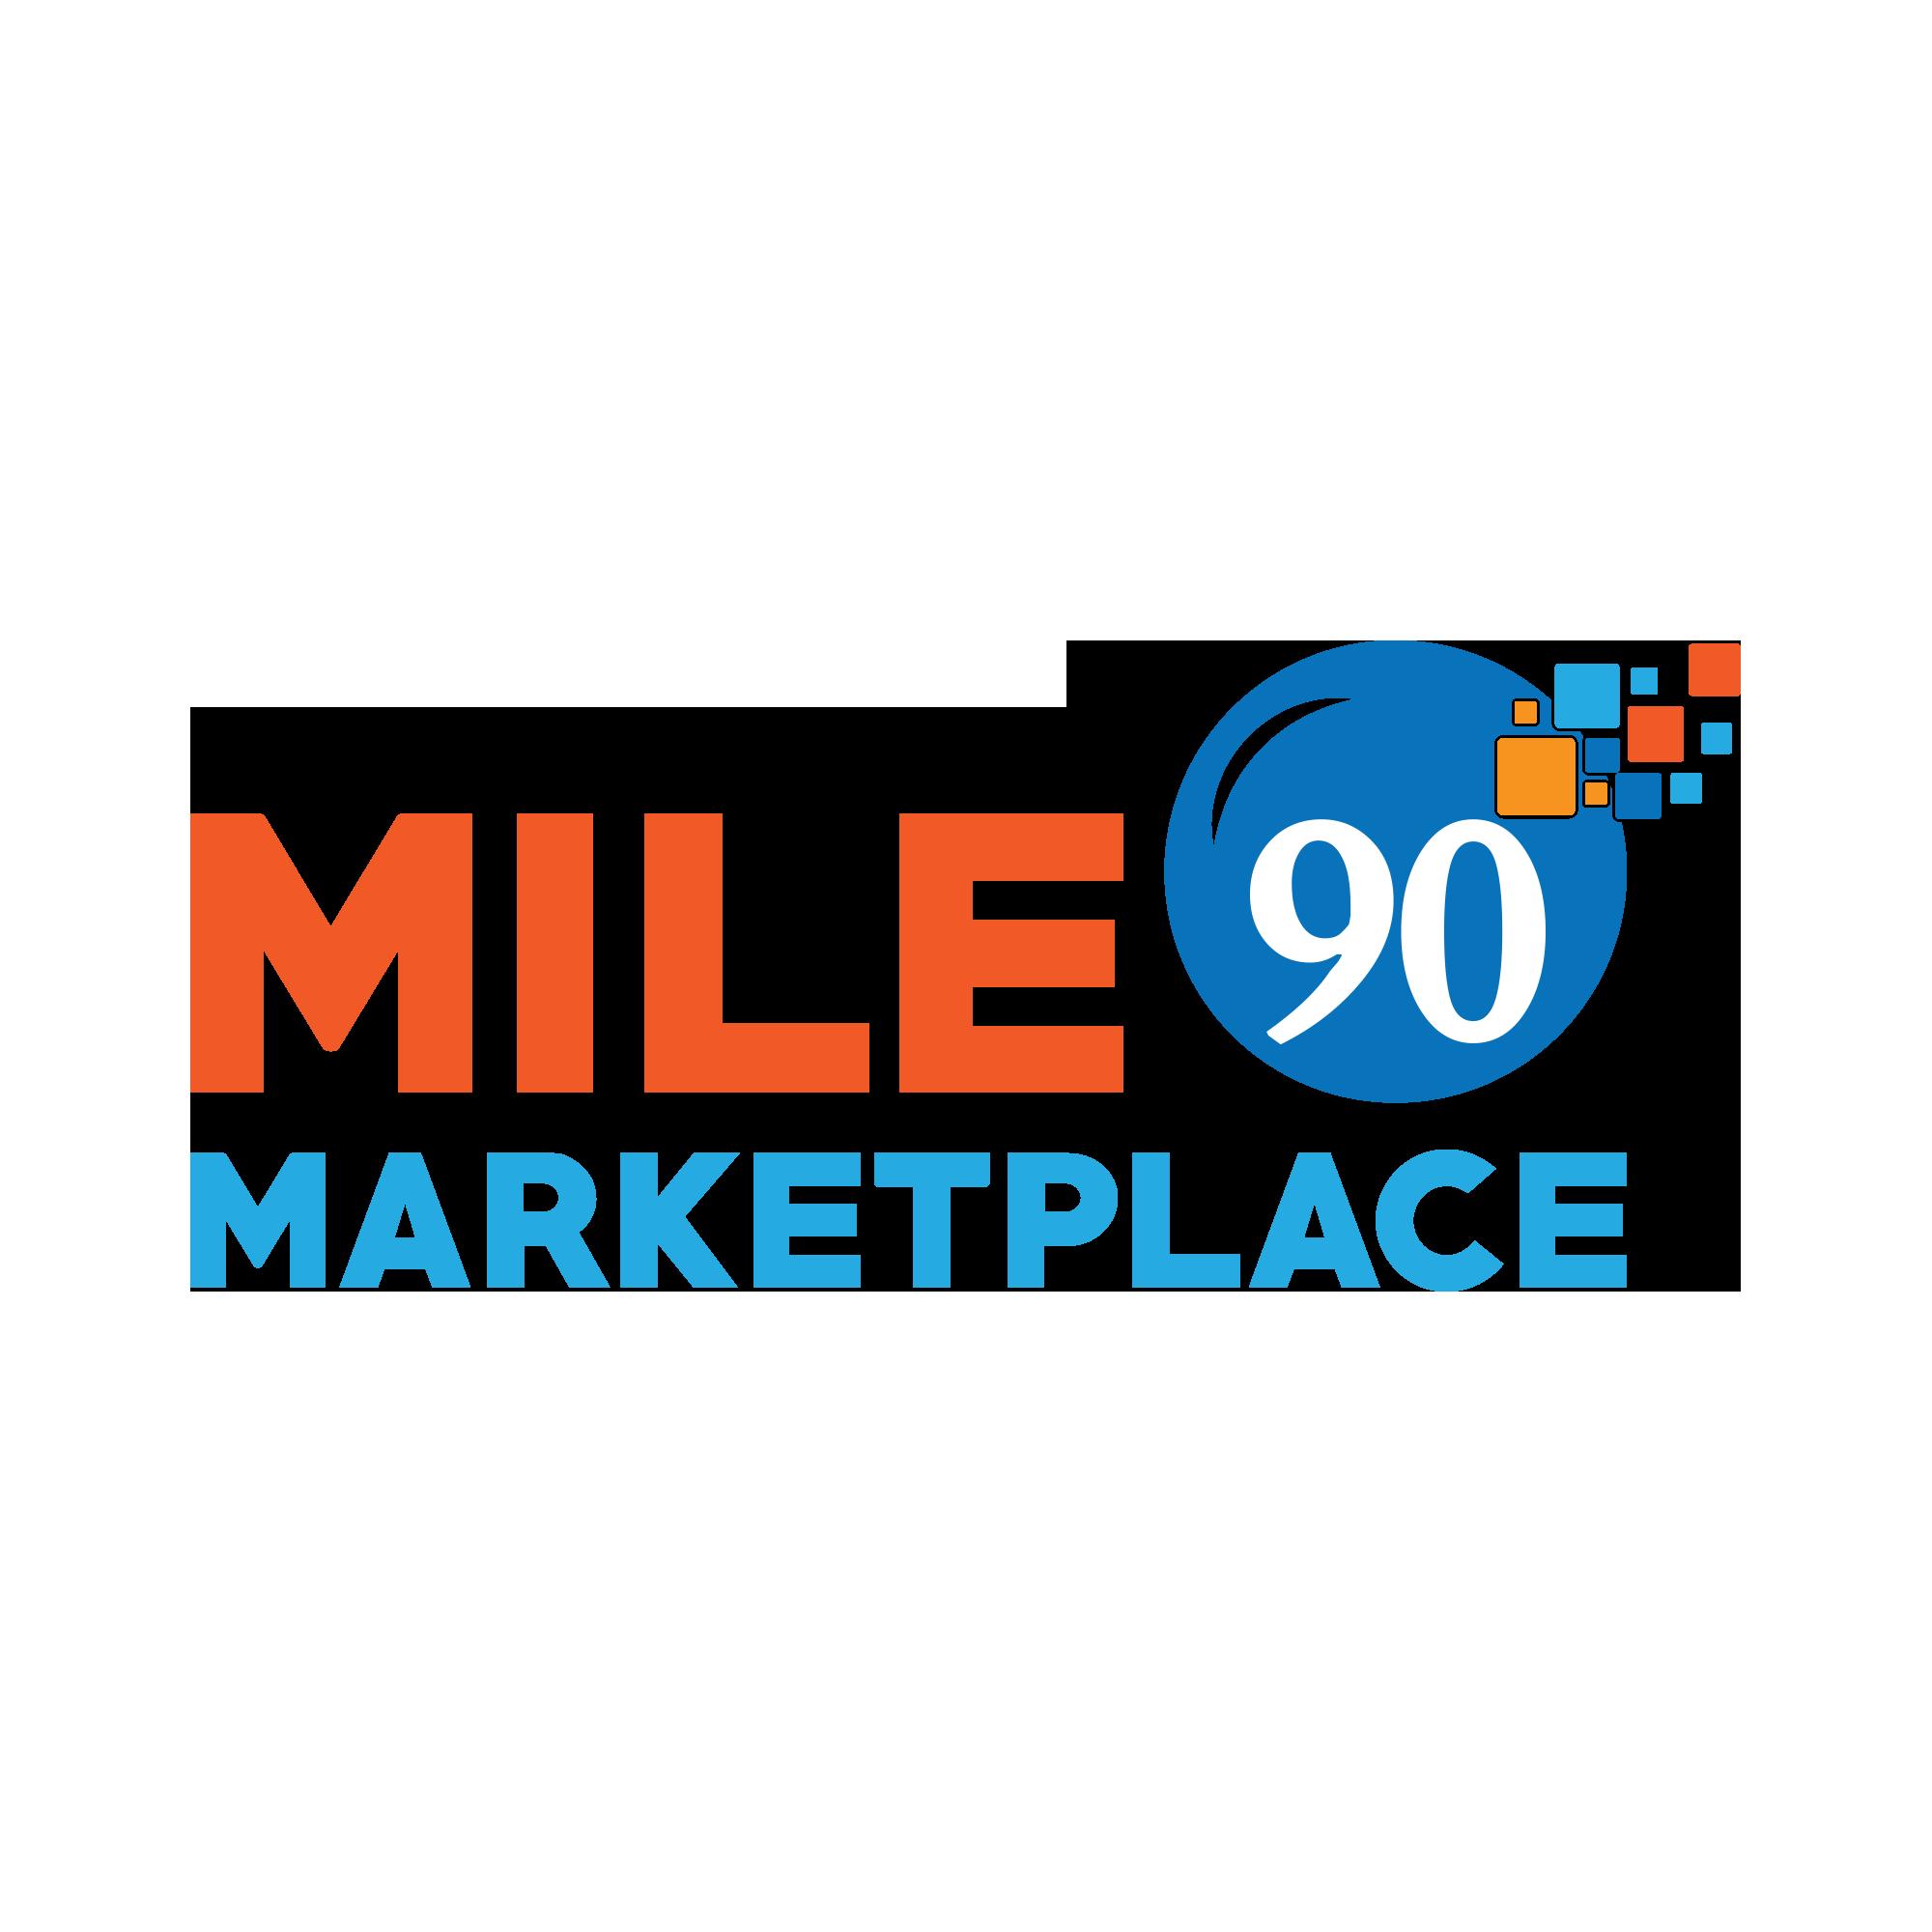 Mile90marketplace